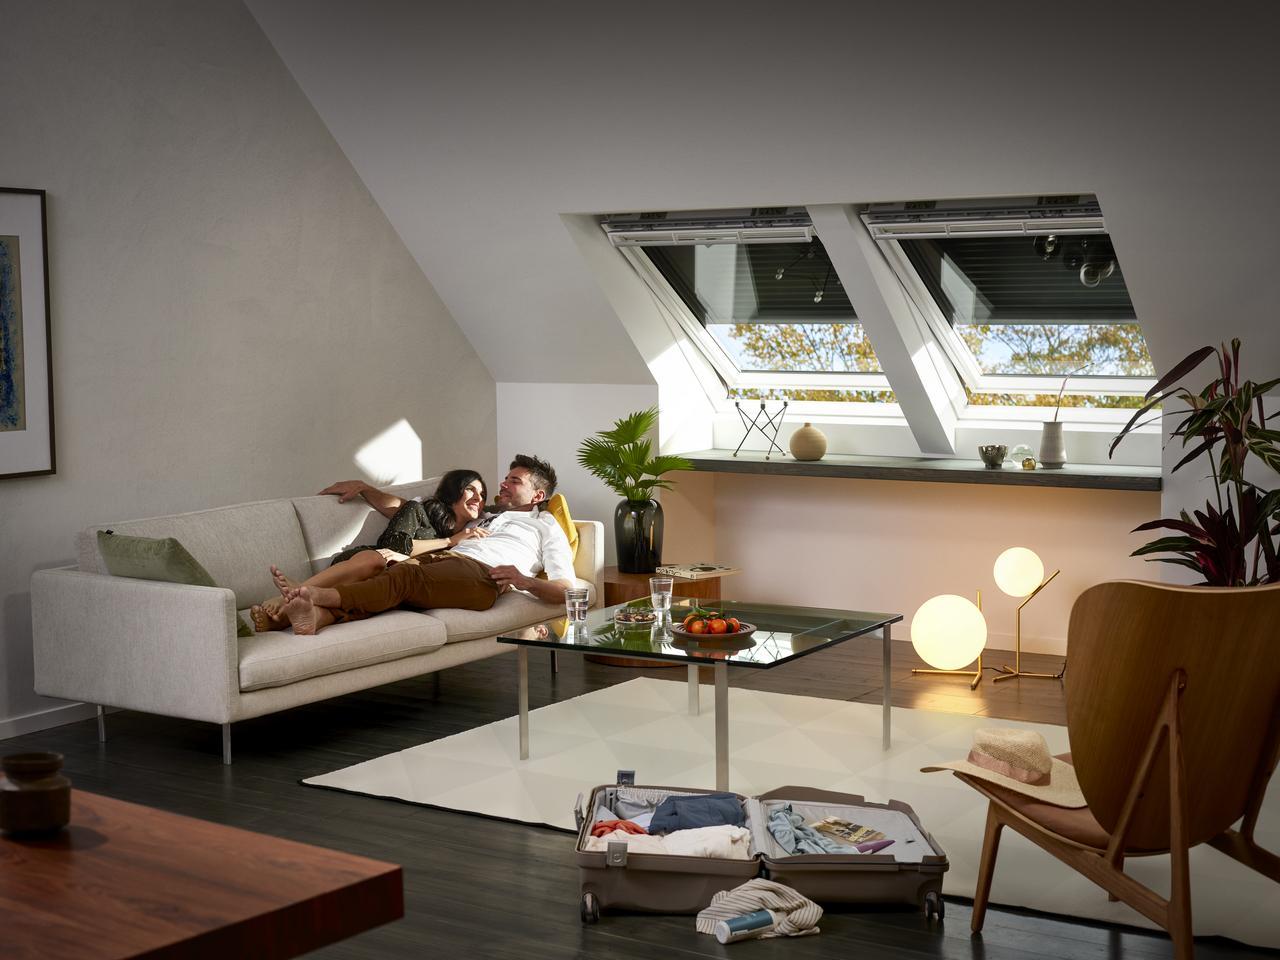 Дизайн інтер'єру спальної кімнати на мансардному поверсі: фото #0016 Фото мансардних будинків зсередини